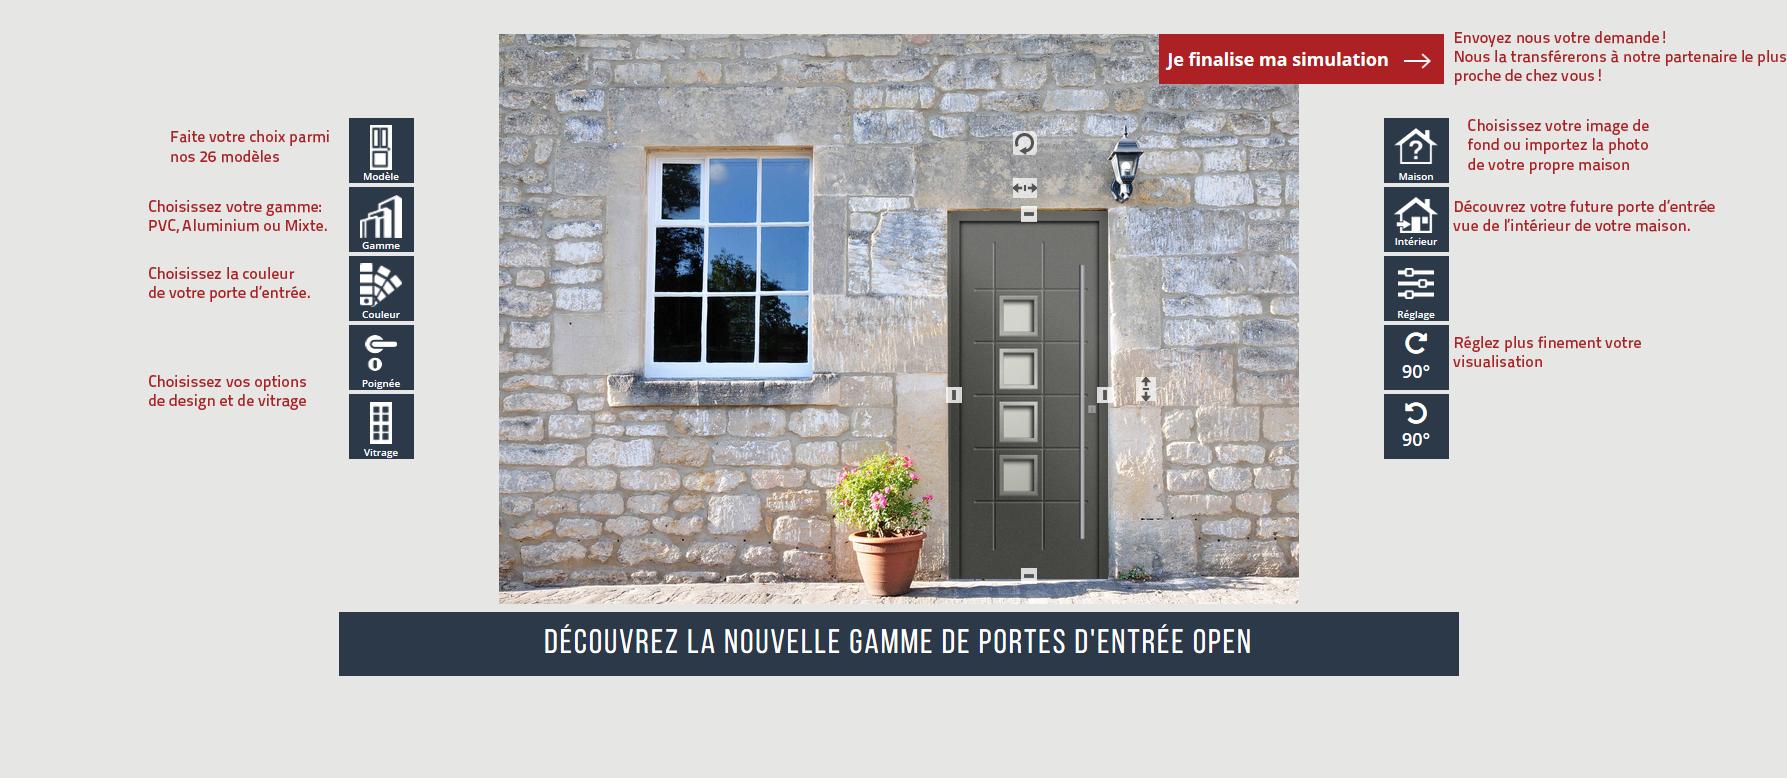 Simulateur De Portes Dentrée Open Fenêtréa Spécialiste Français